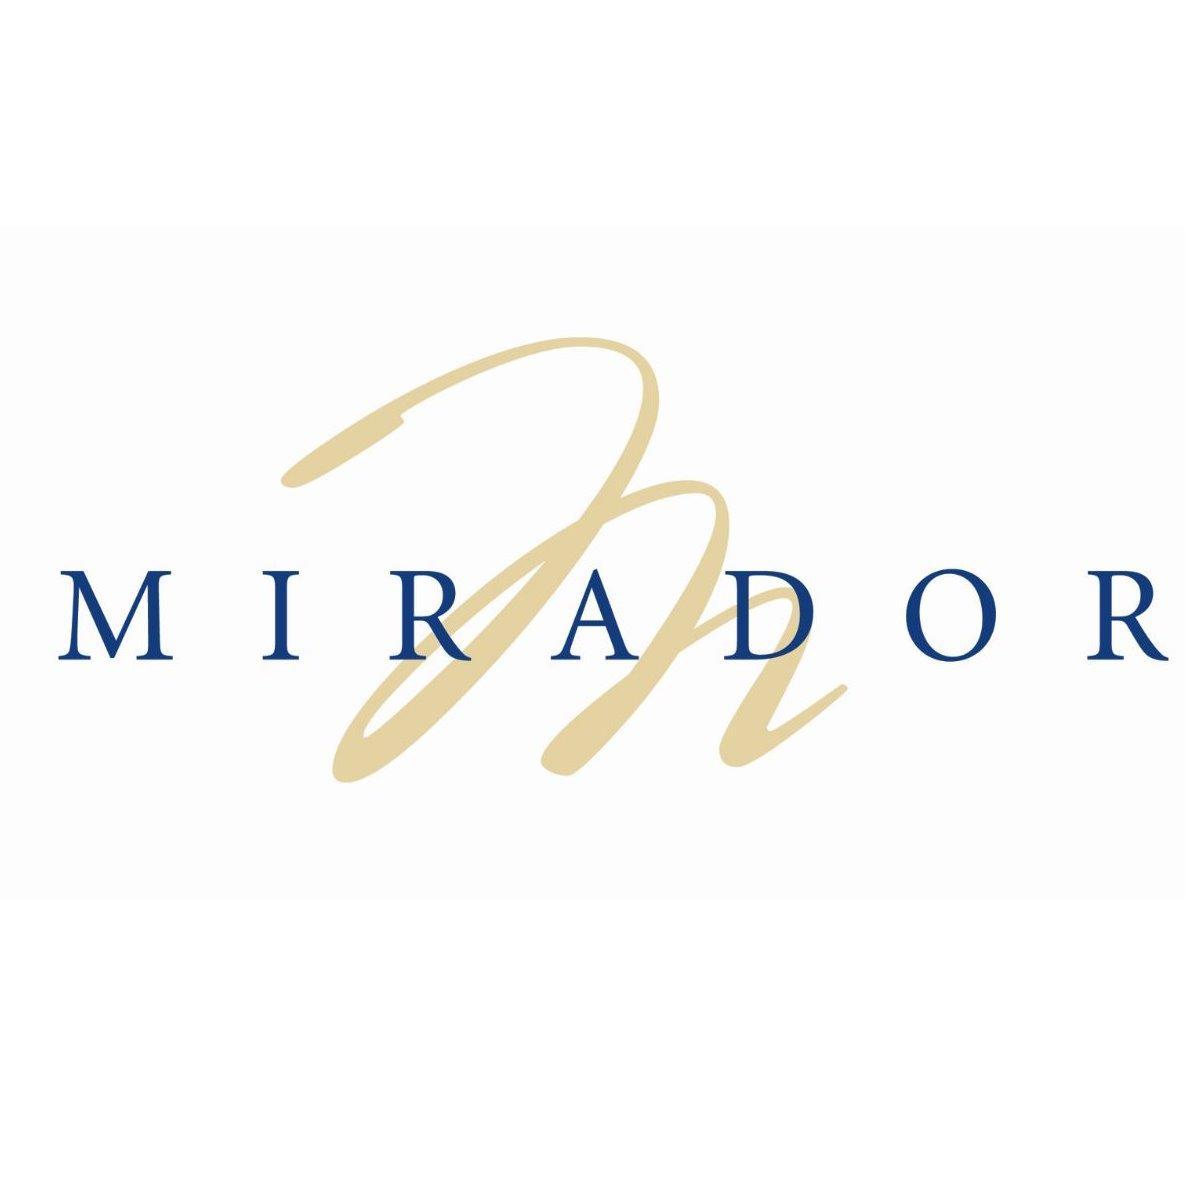 Mirador - Corpus Christi, TX 78414 - (214)717-4195 | ShowMeLocal.com